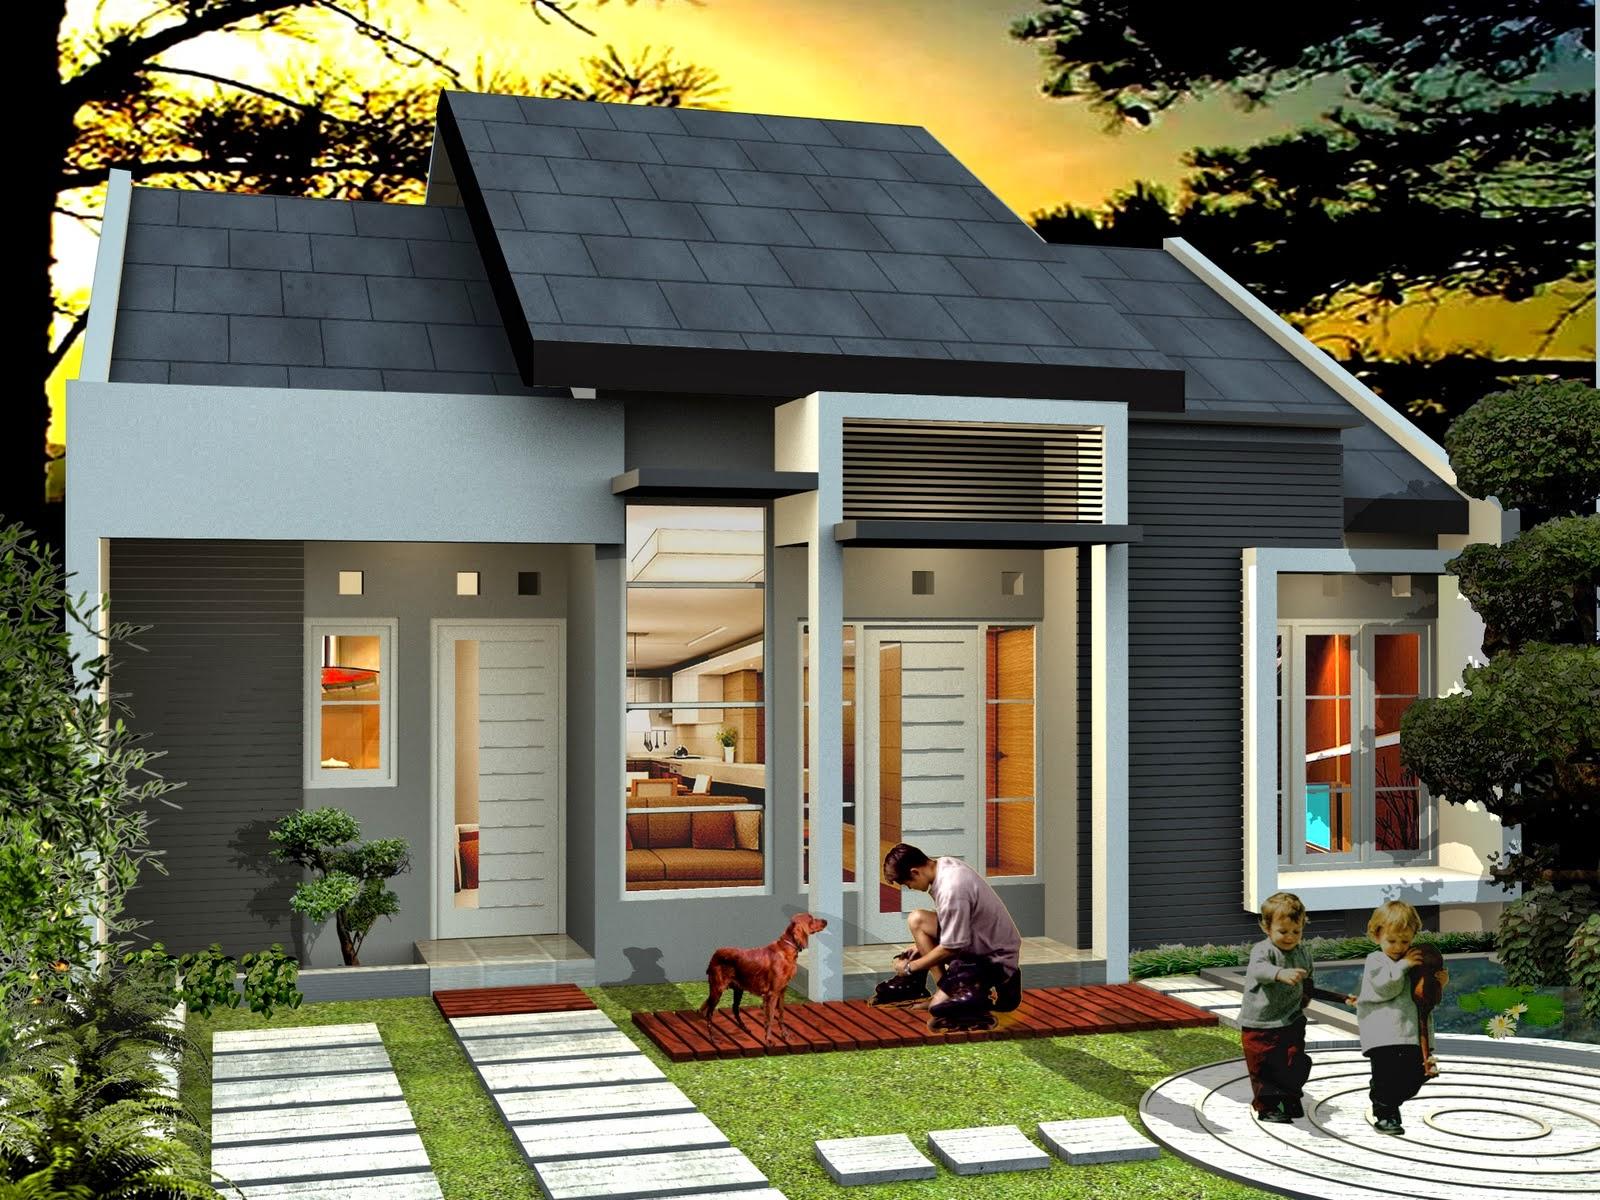 Desain+Rumah+Minimalis.jpg